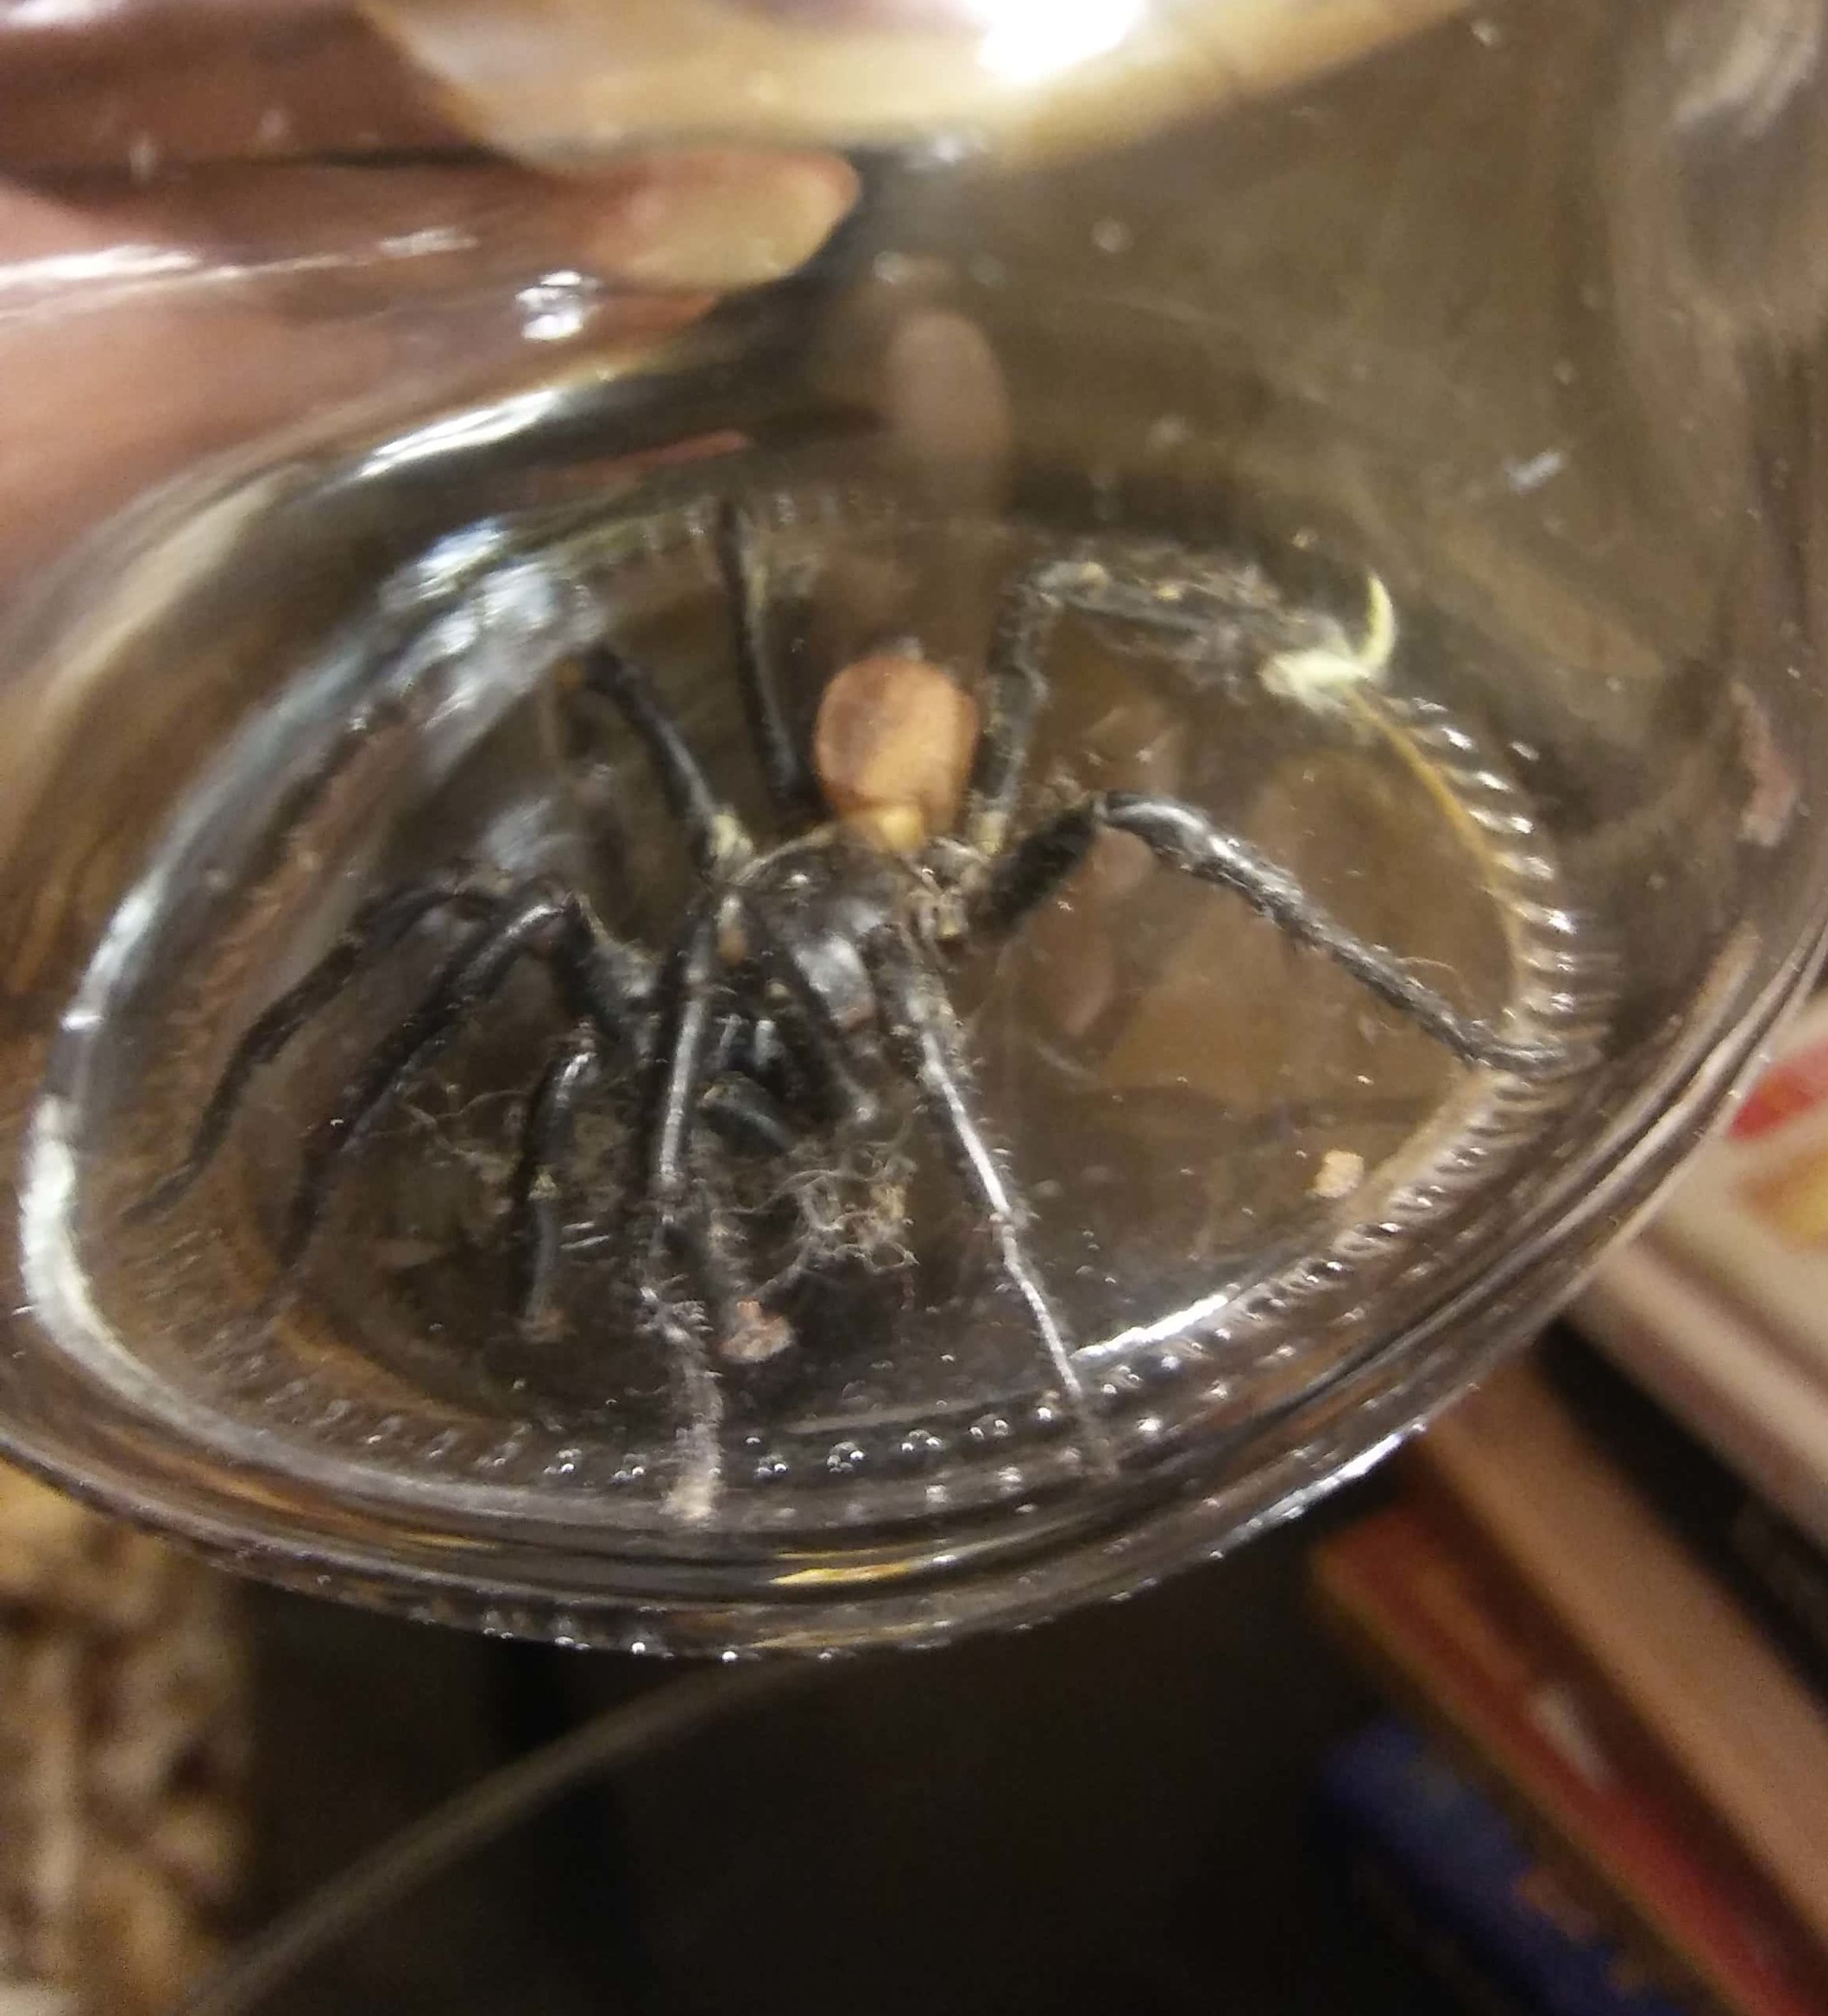 Picture of Bothriocyrtum californicum (California Trapdoor Spider) - Male